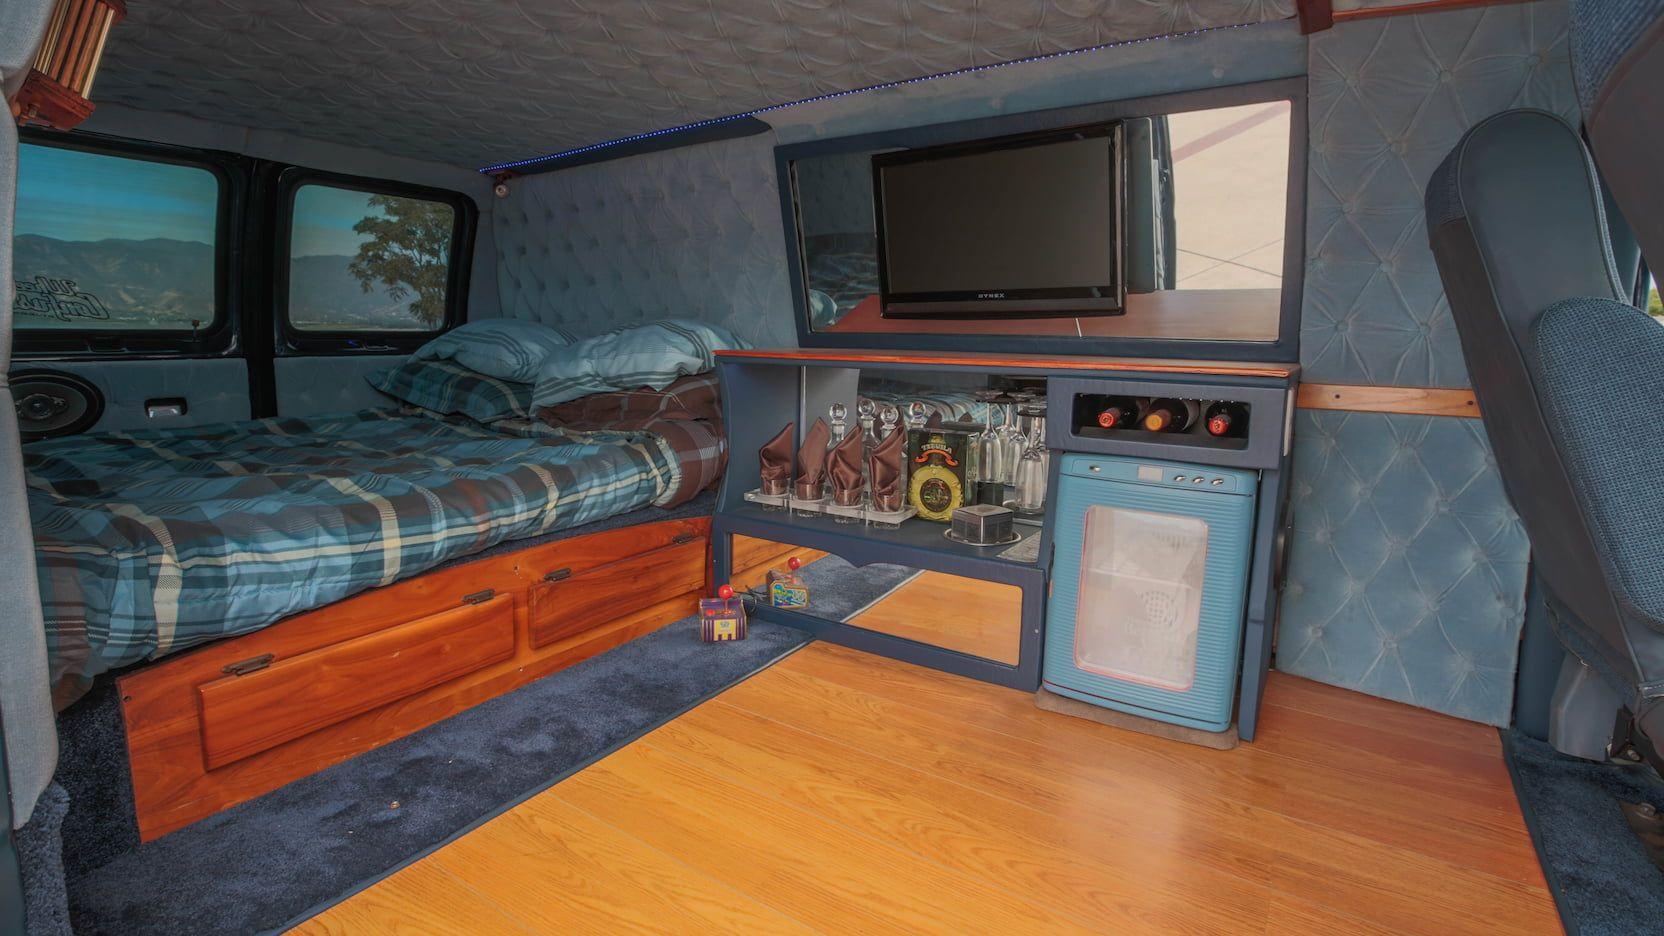 1986 Ford Econoline Van T91 1 Las, Econoline Laminate Flooring